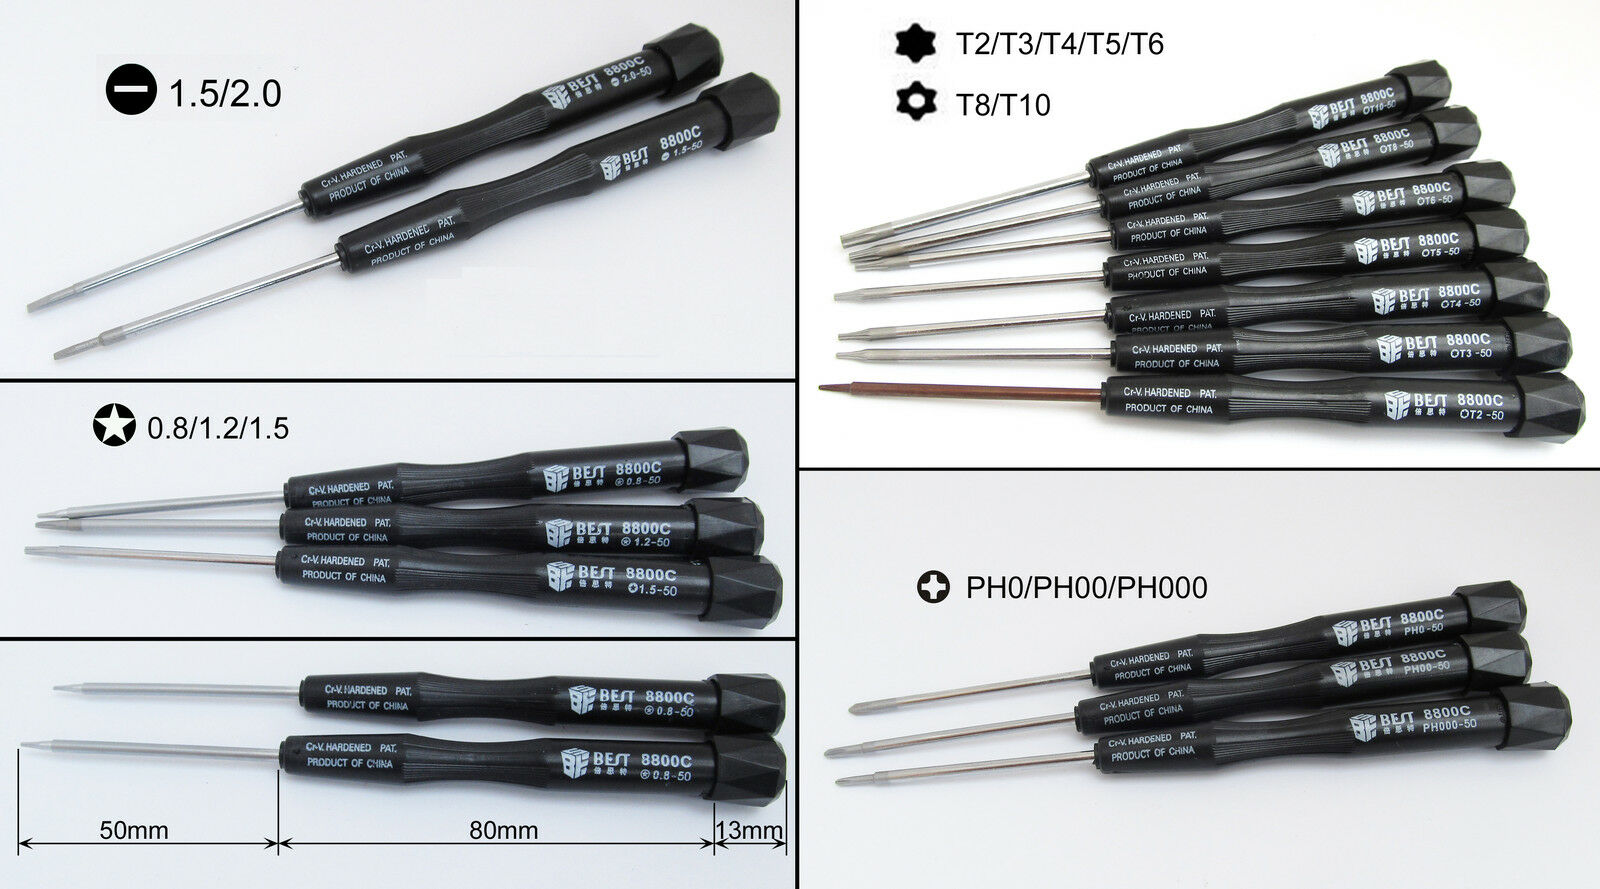 100x Best 8800C 8800C 8800C Screwdriver phone Laptop Repair Tool Torx Slotted Phillips Star 0ab952